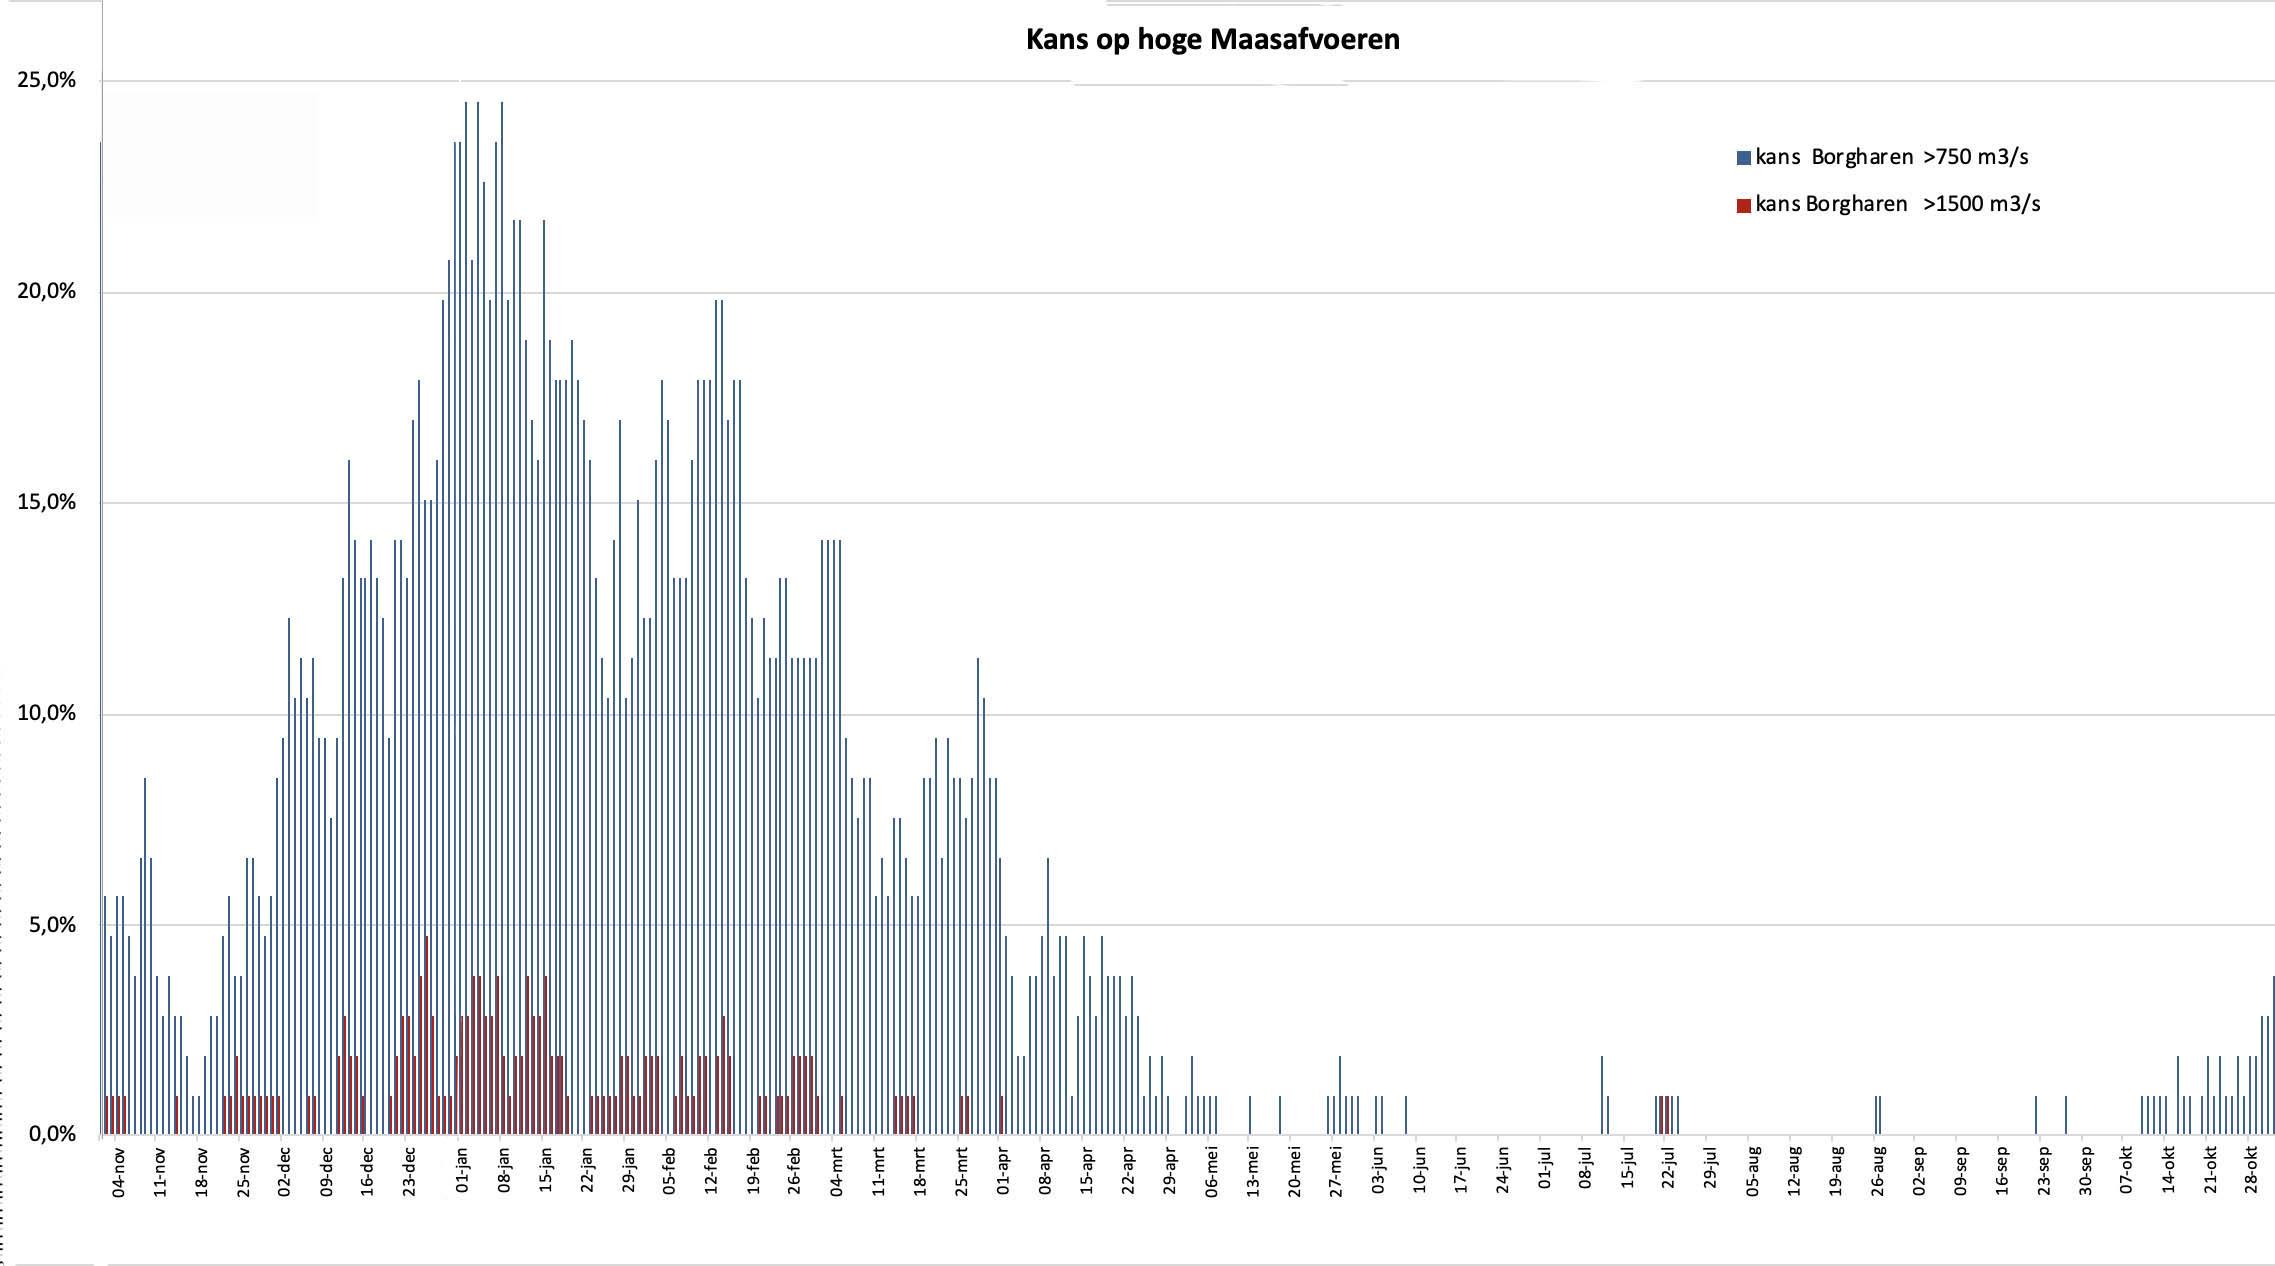 Kans op een hoge of zeer hoge Maasafvoer gedurende het jaar (beginnend bij de start van het hoogwaterseizoen)